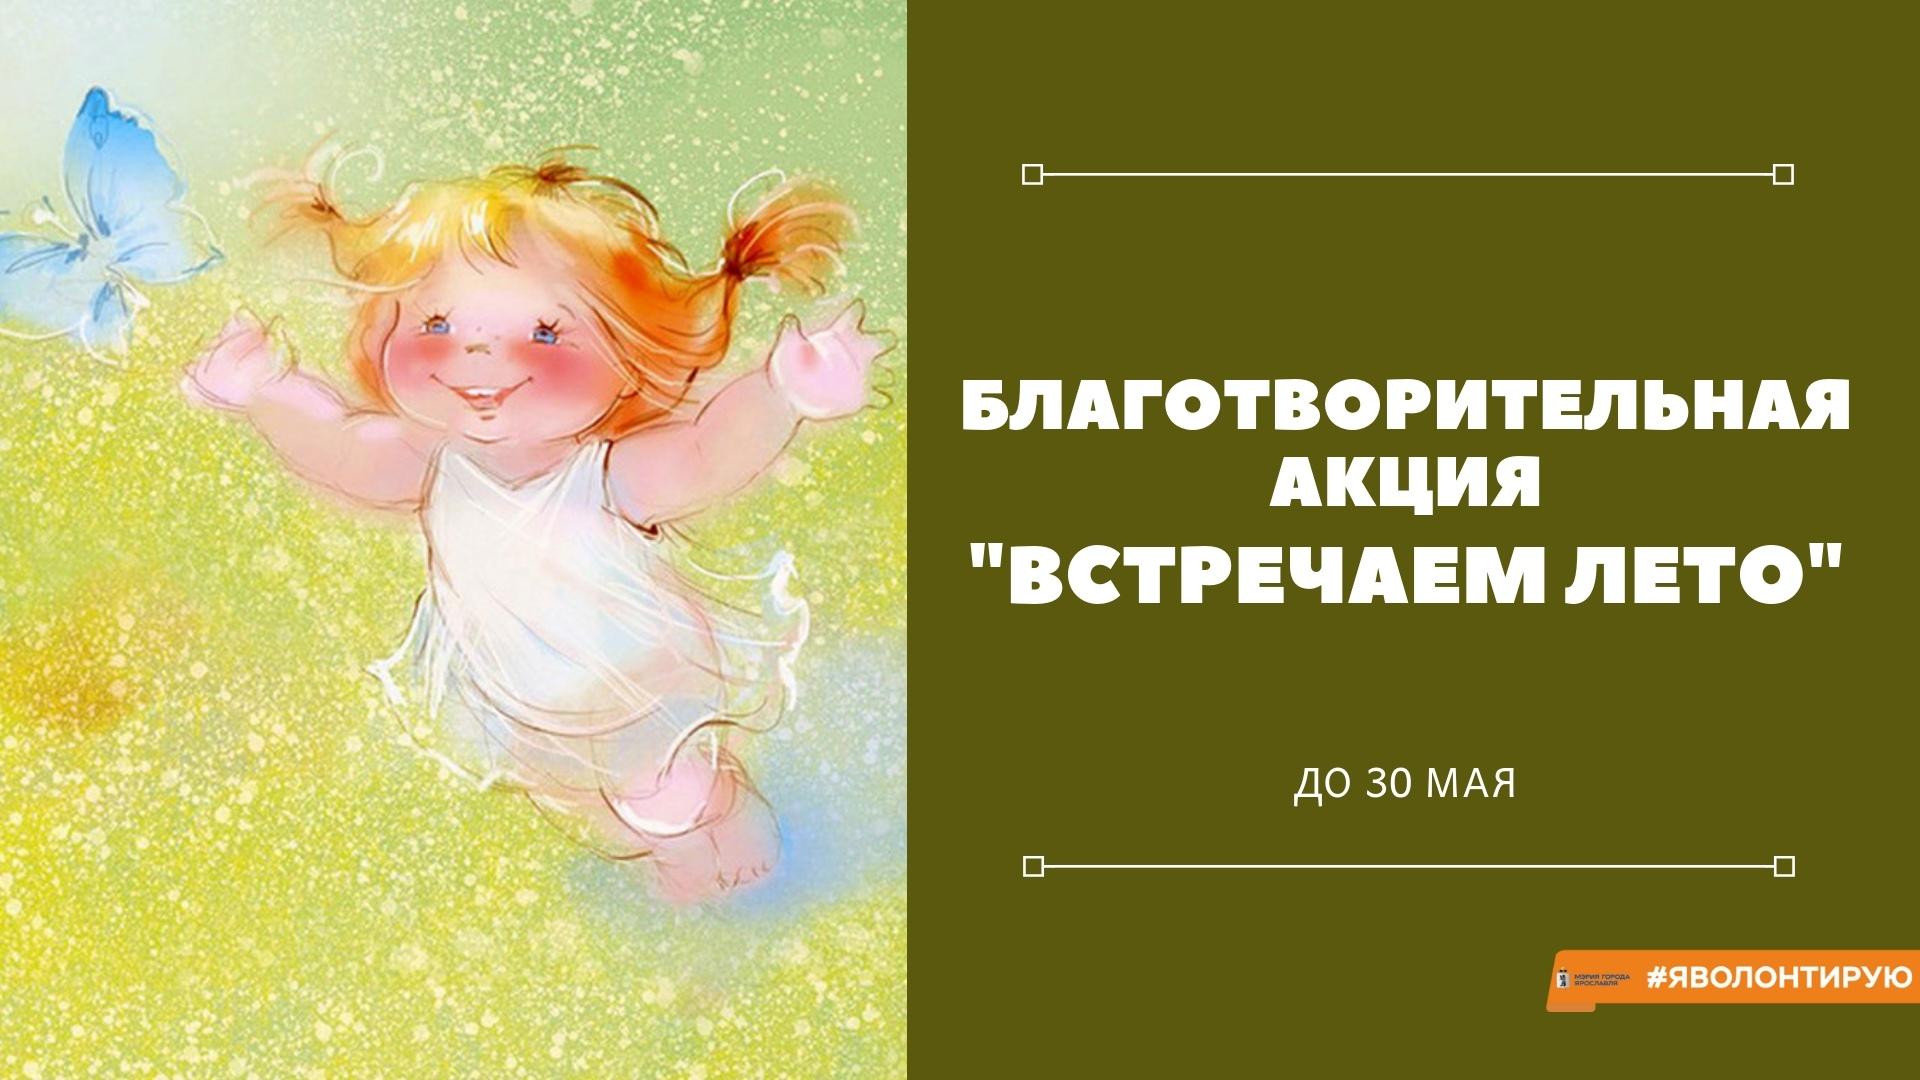 Ярославцы смогут помочь детям из малоимущих семей